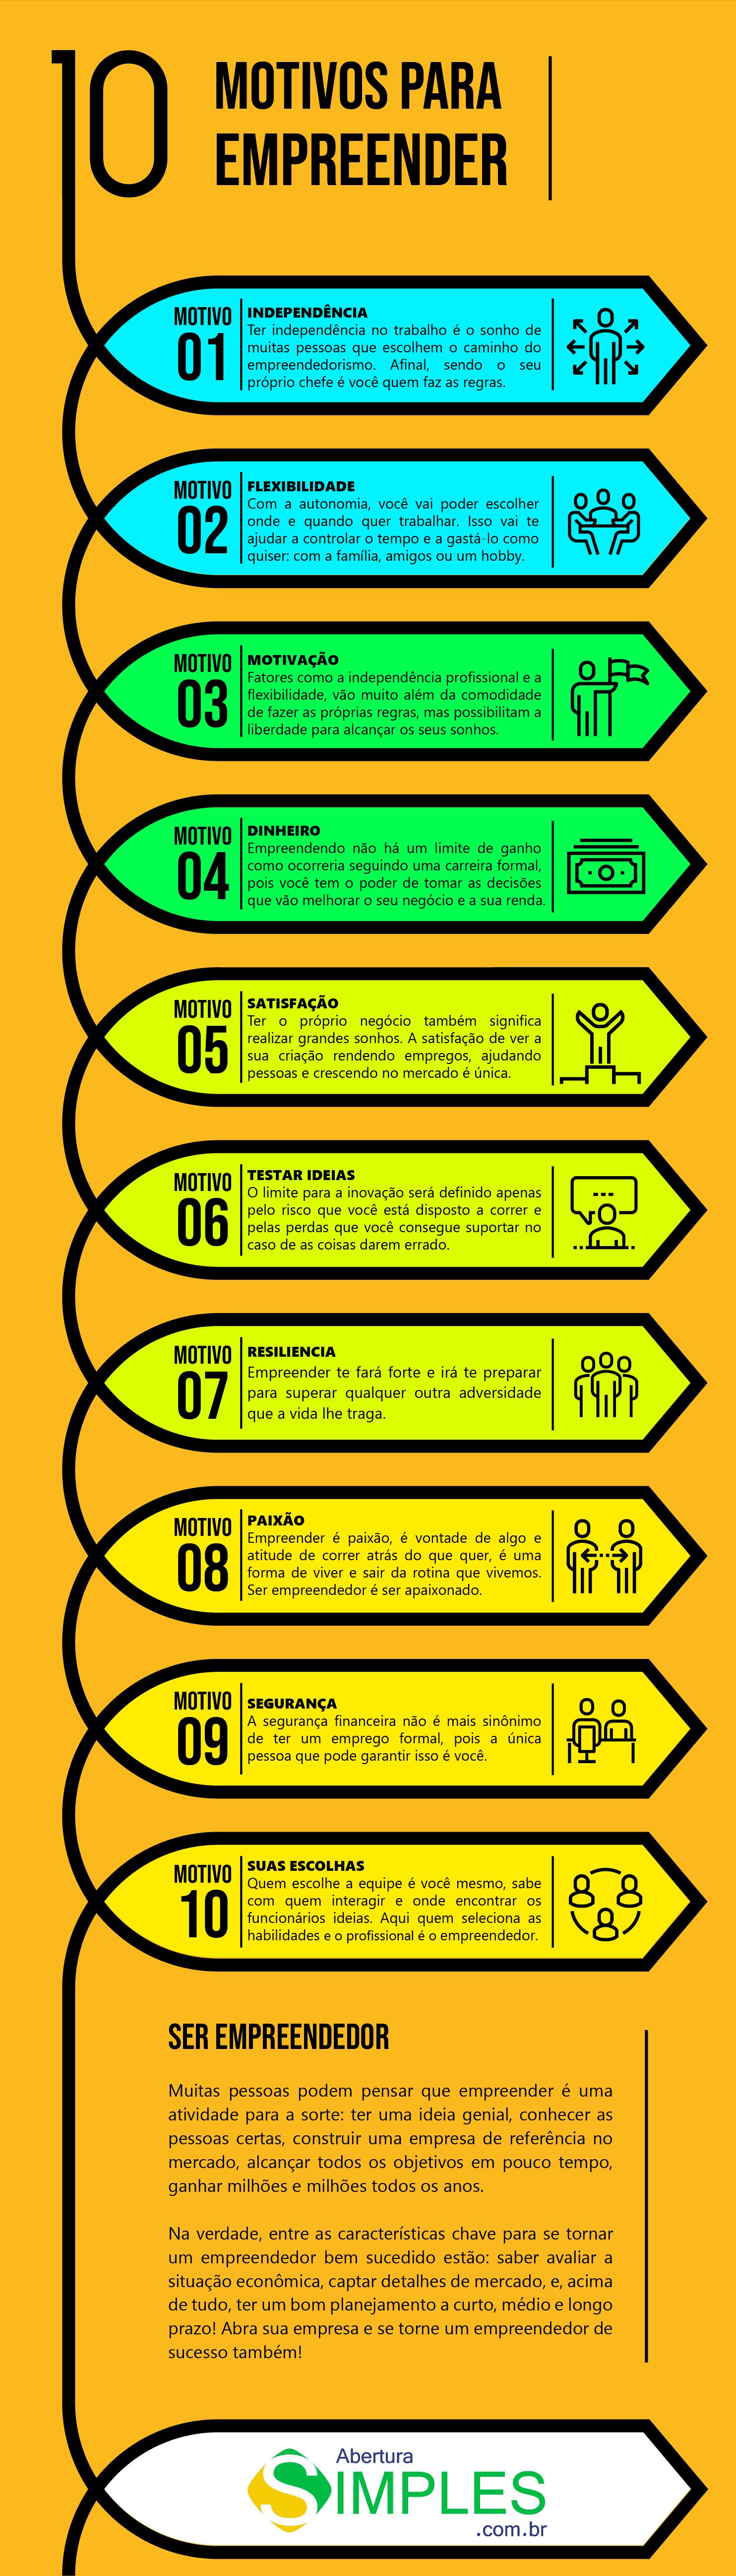 infográfico de 10 motivos para empreender